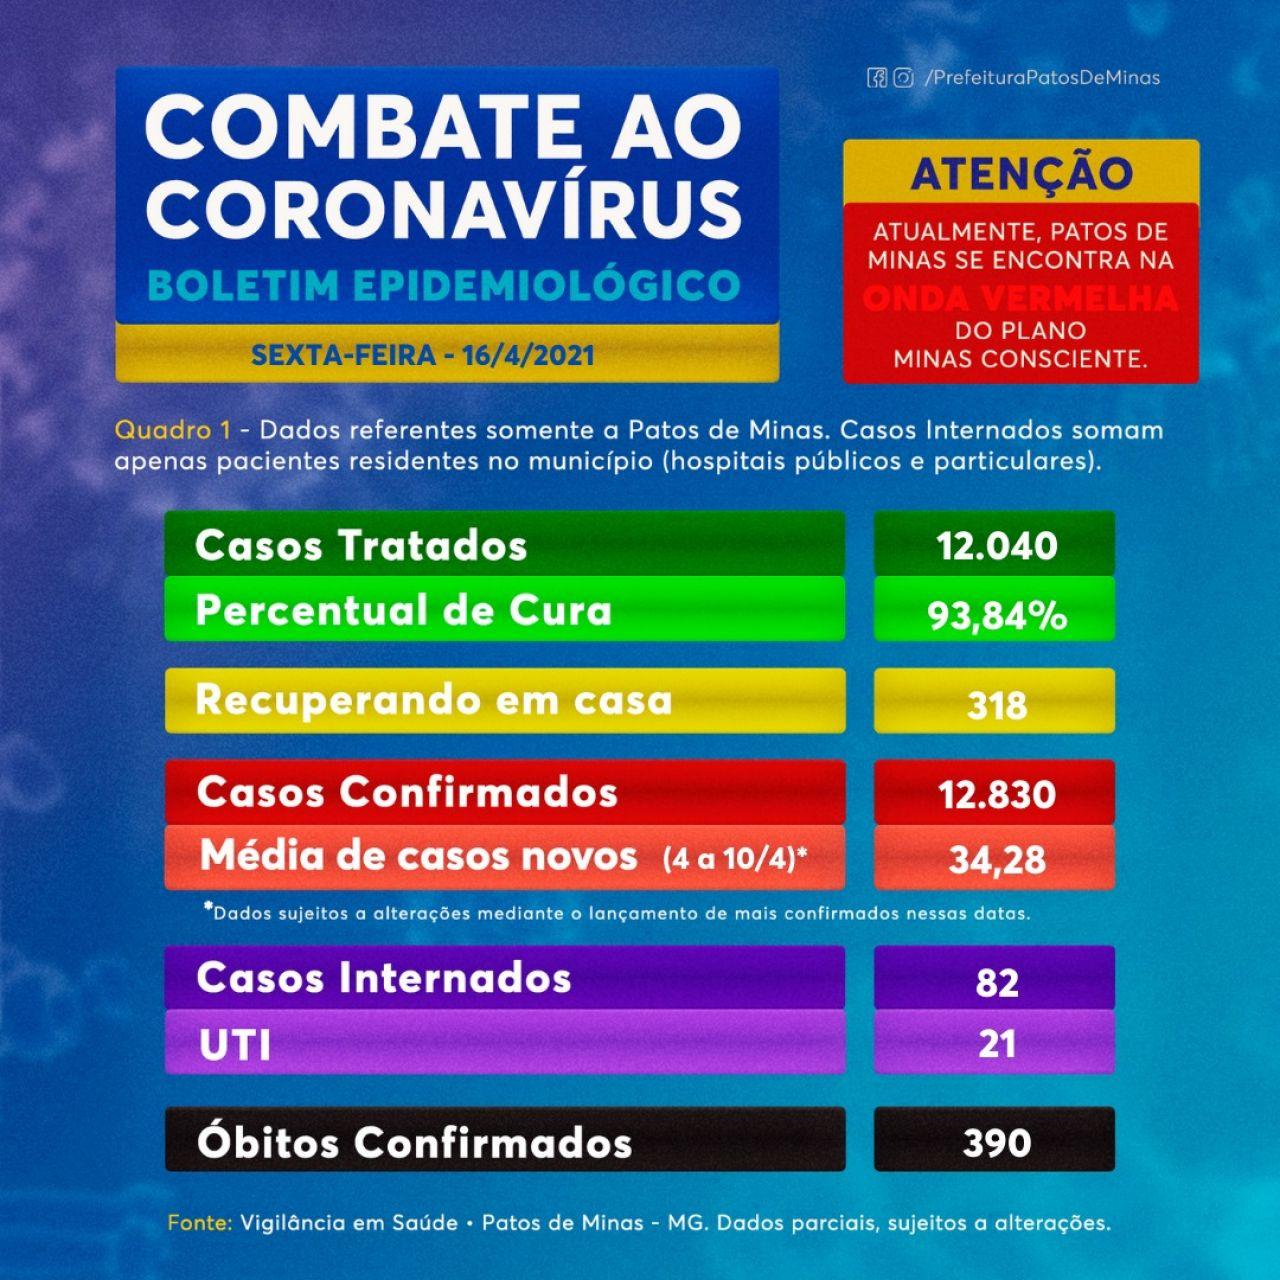 Covid-19: boletim mostra 48 novos casos sem registro de novos óbitos; 12.040 pessoas já se recuperaram da doença